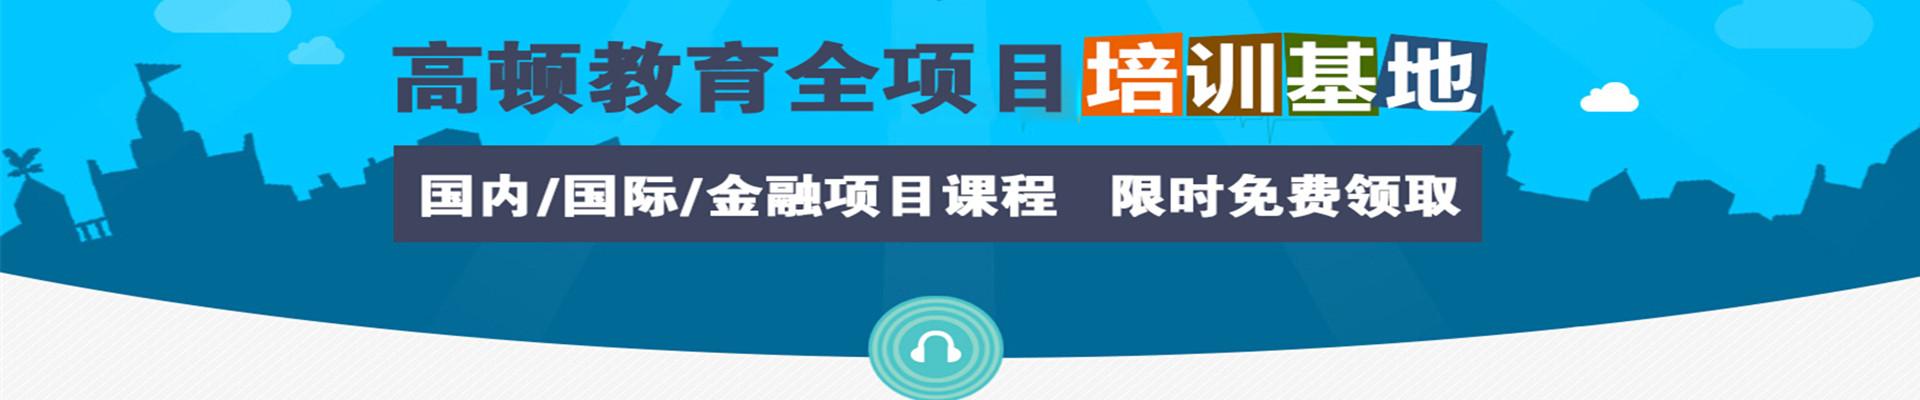 广州高顿财经天河校区